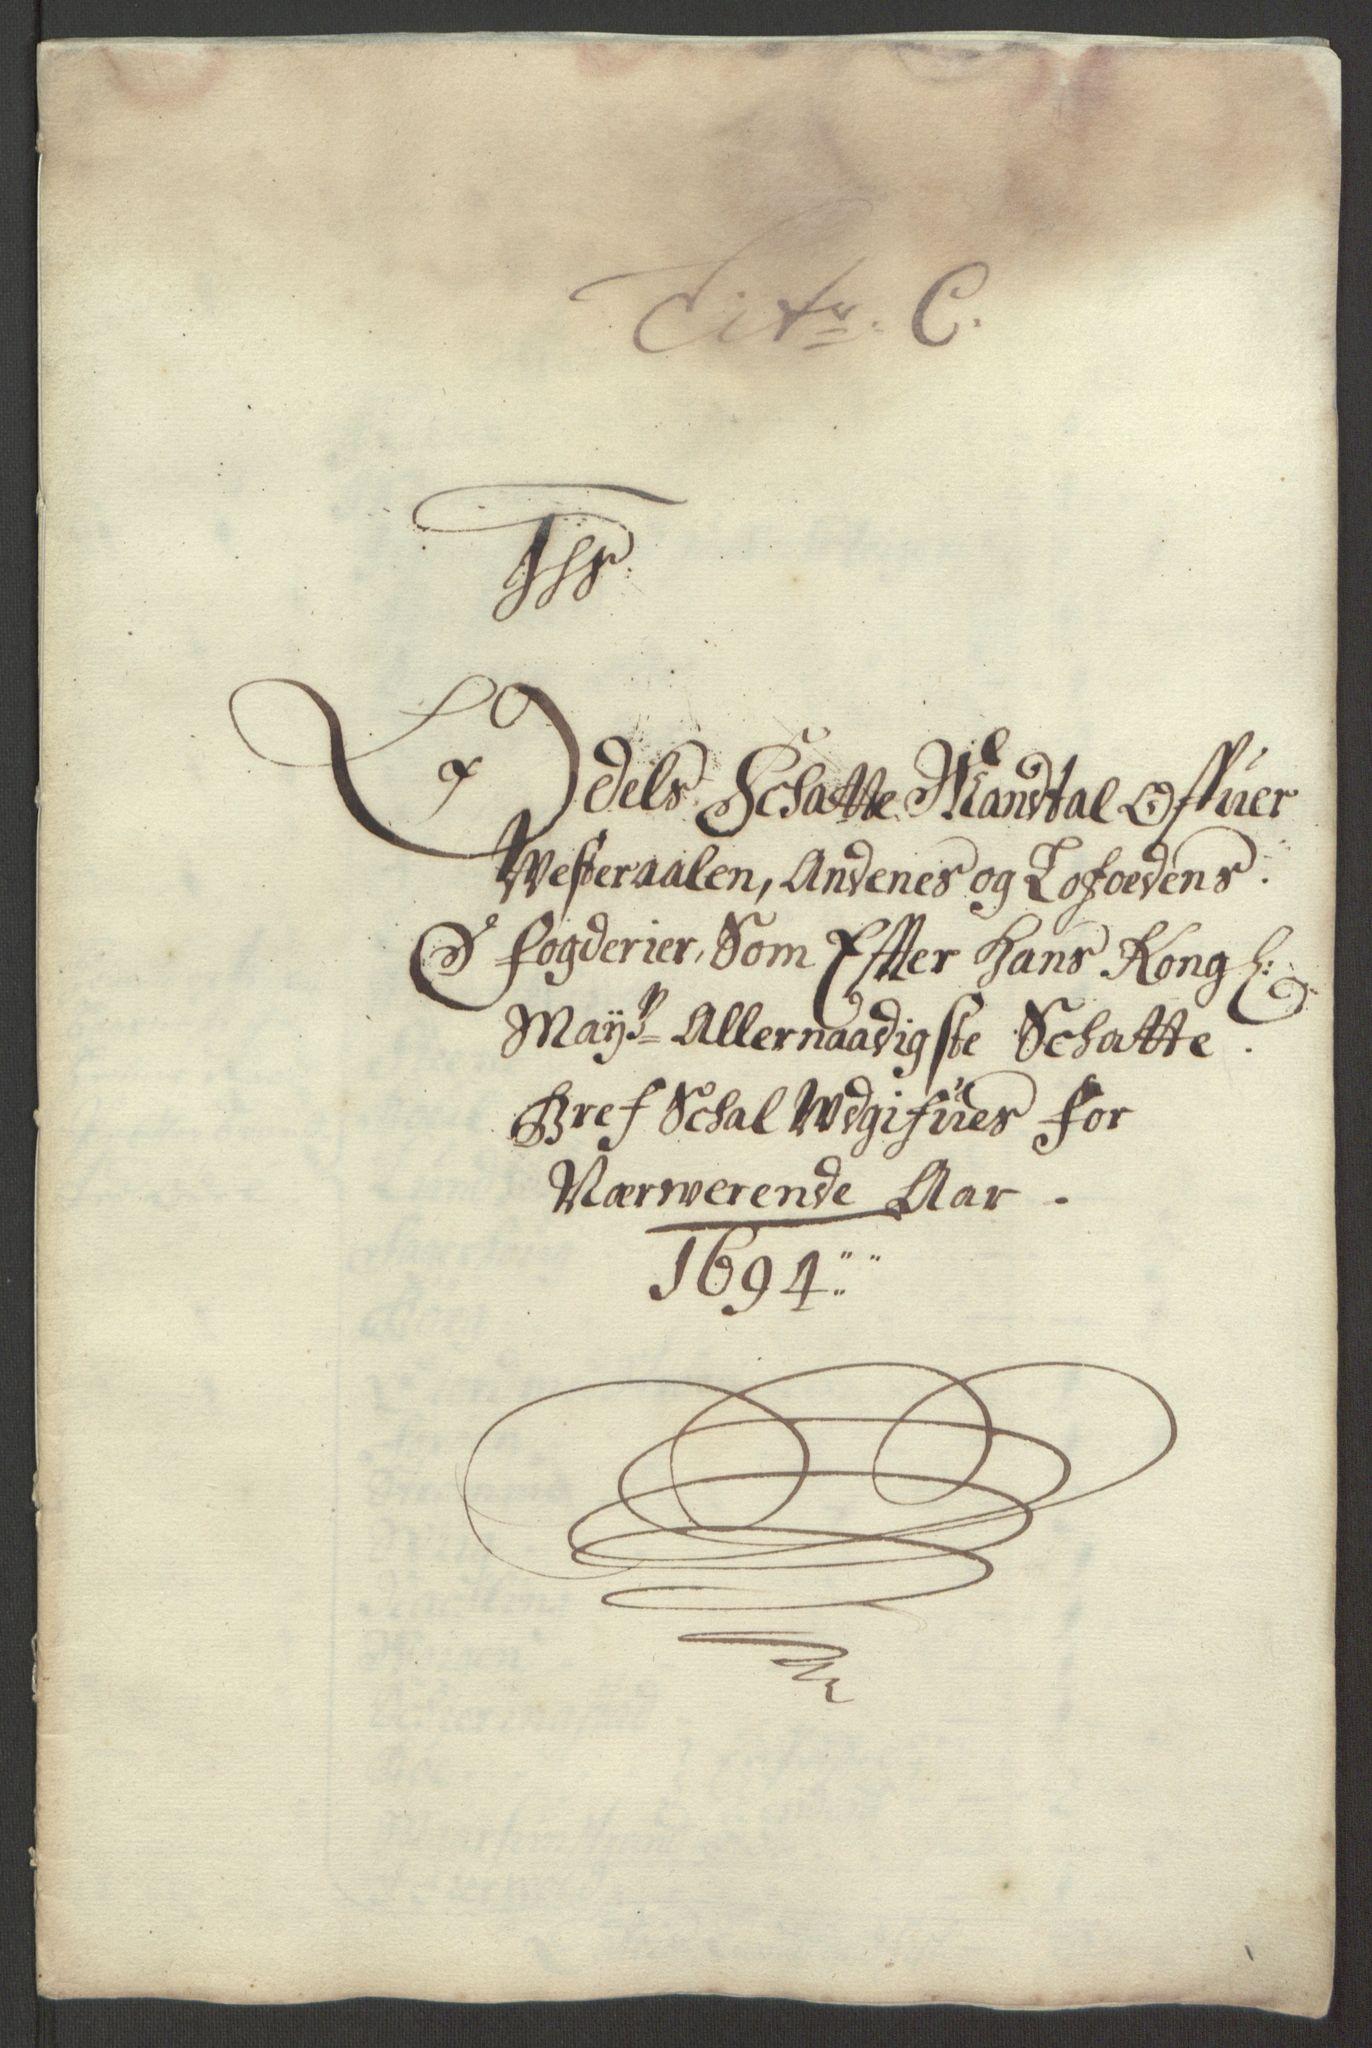 RA, Rentekammeret inntil 1814, Reviderte regnskaper, Fogderegnskap, R67/L4677: Fogderegnskap Vesterålen, Andenes og Lofoten, 1694-1695, s. 60